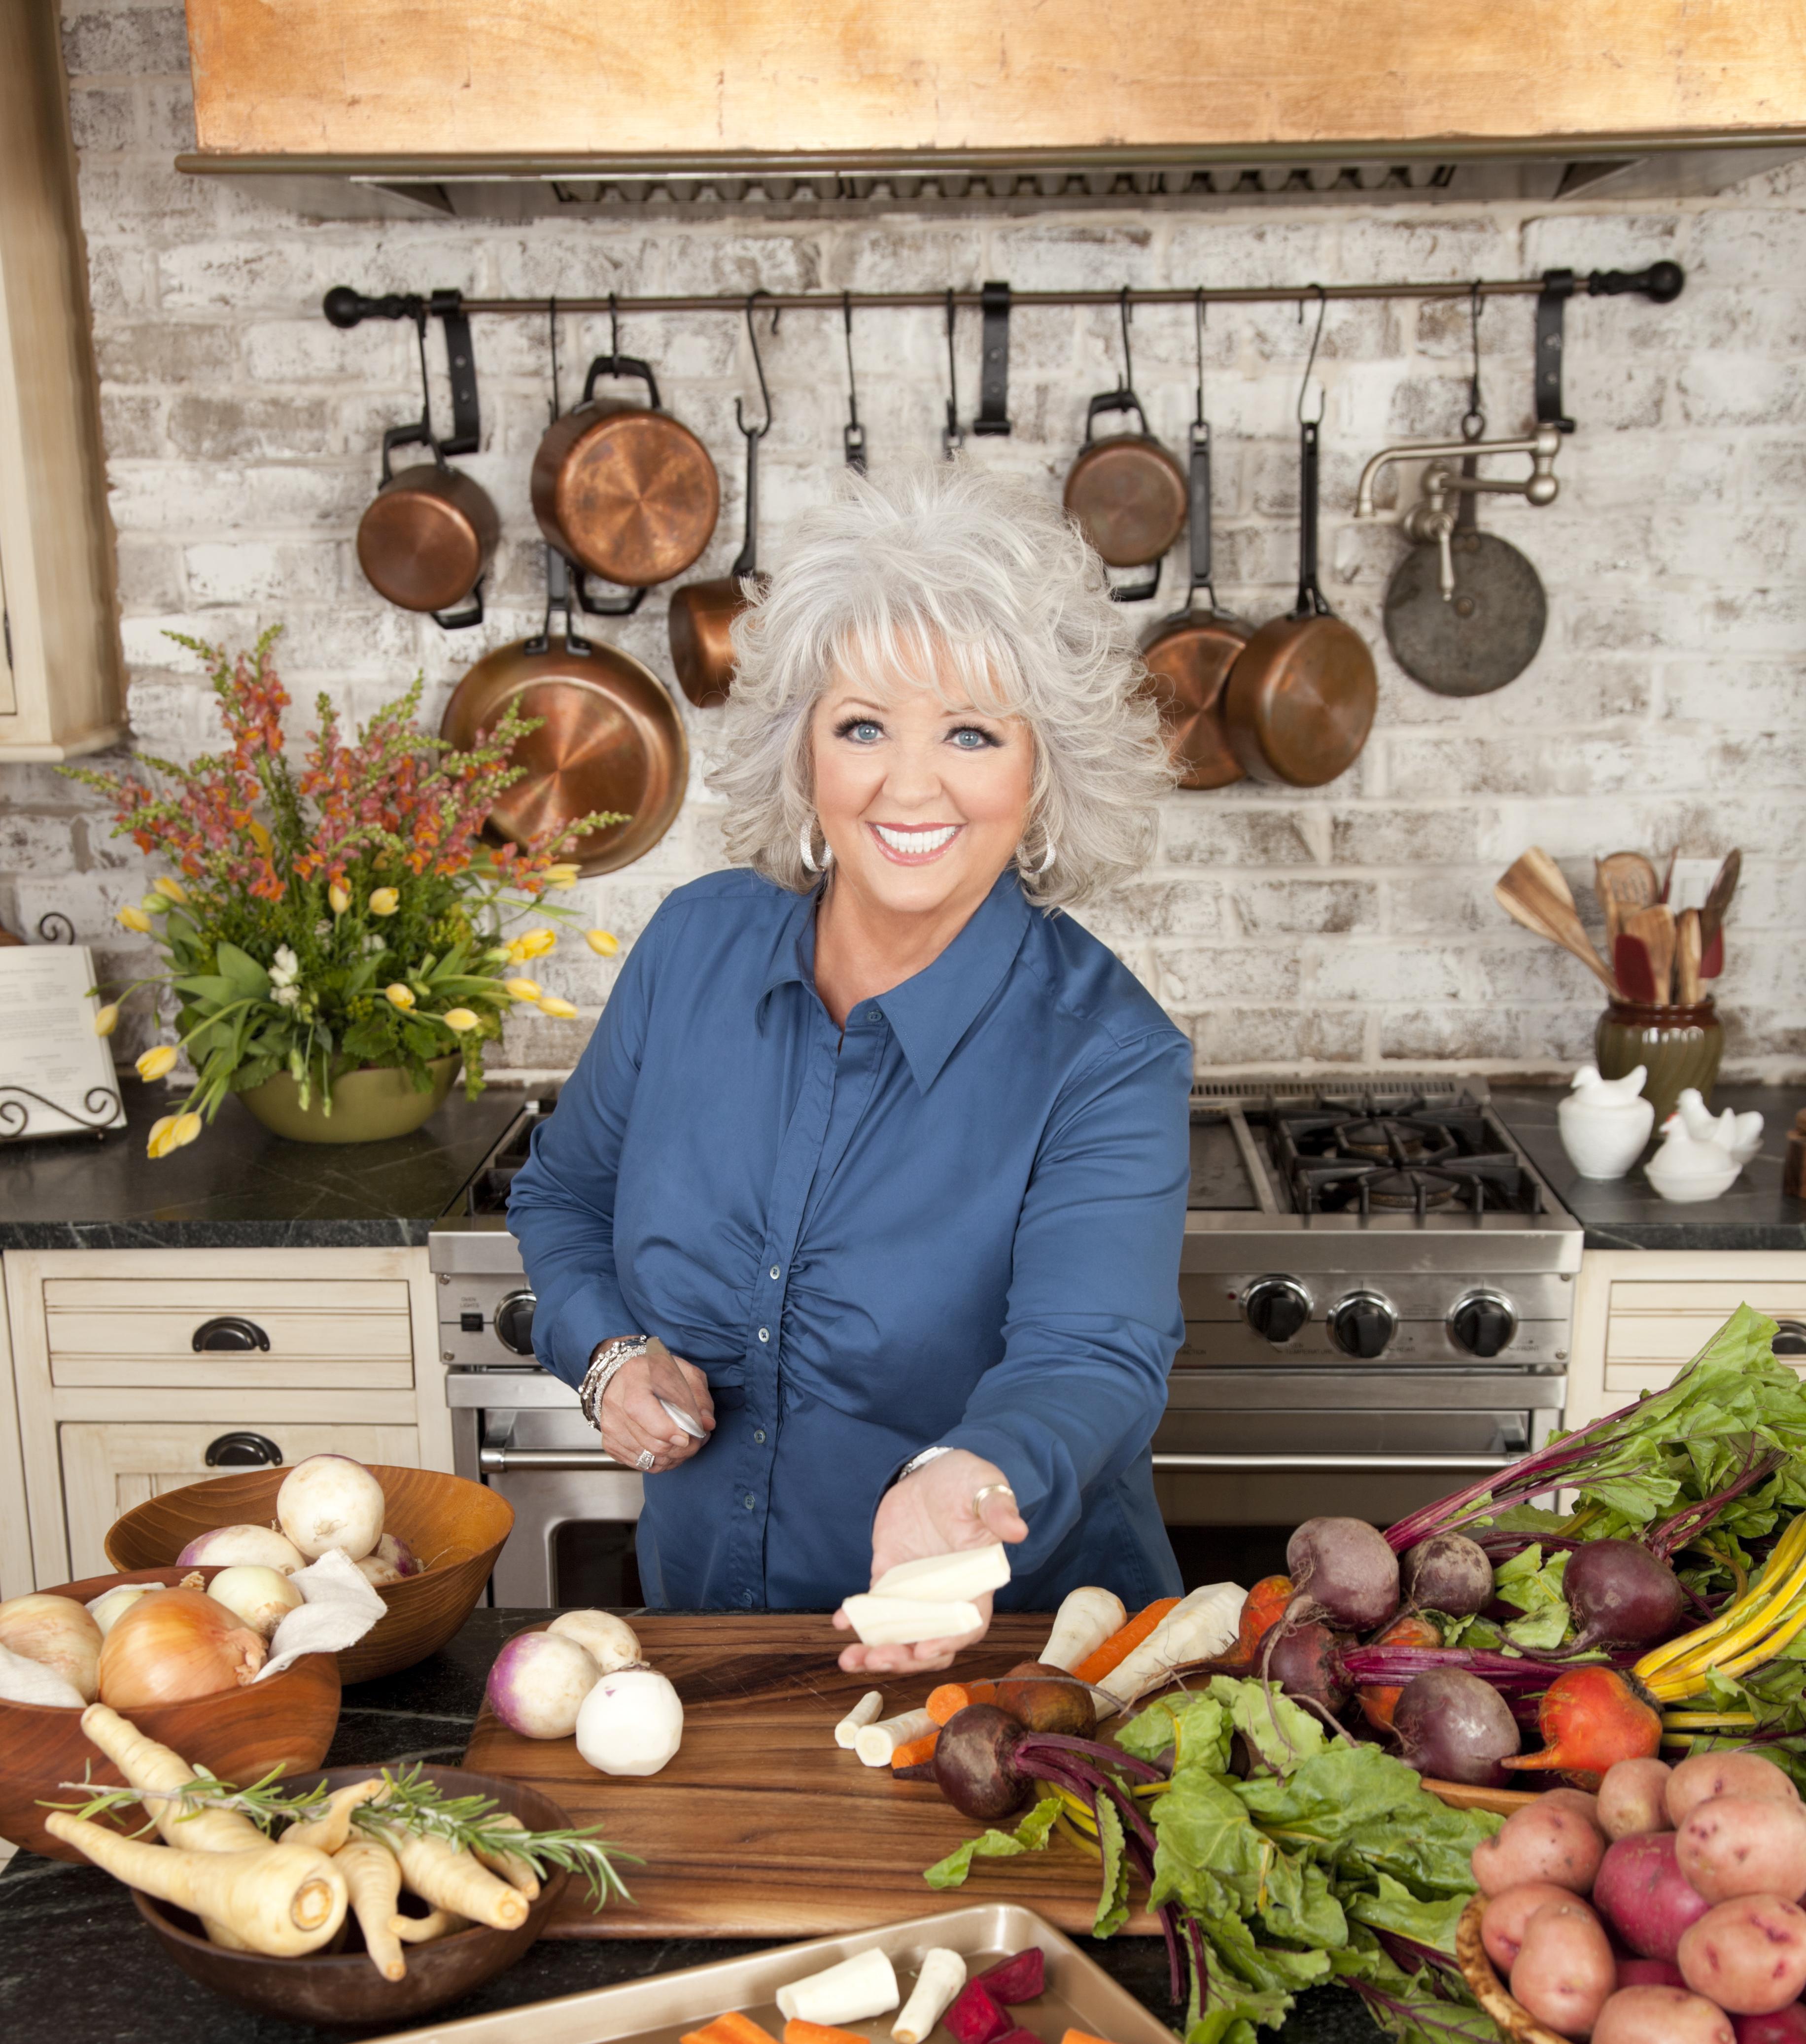 Paula Deen Eating Food - Viewing Gallery